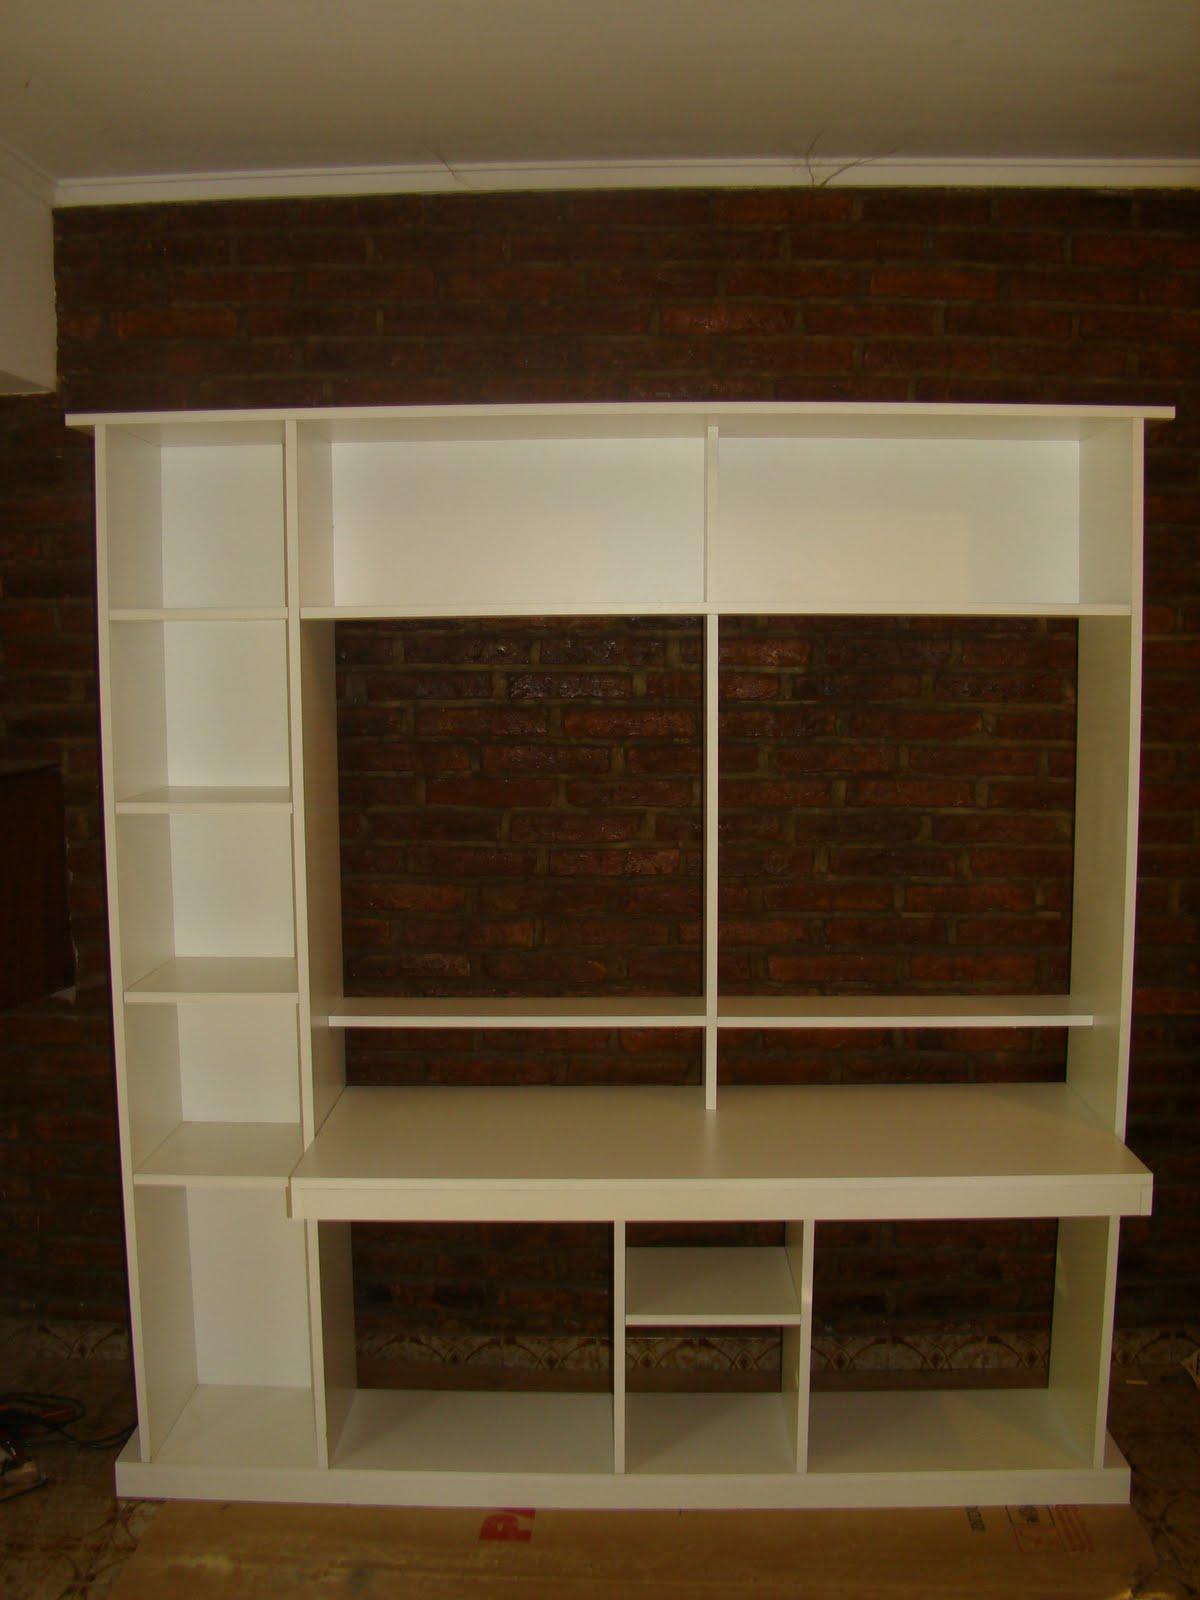 Muebles biblioteca escritorio 20170801223645 for Bibliotecas muebles